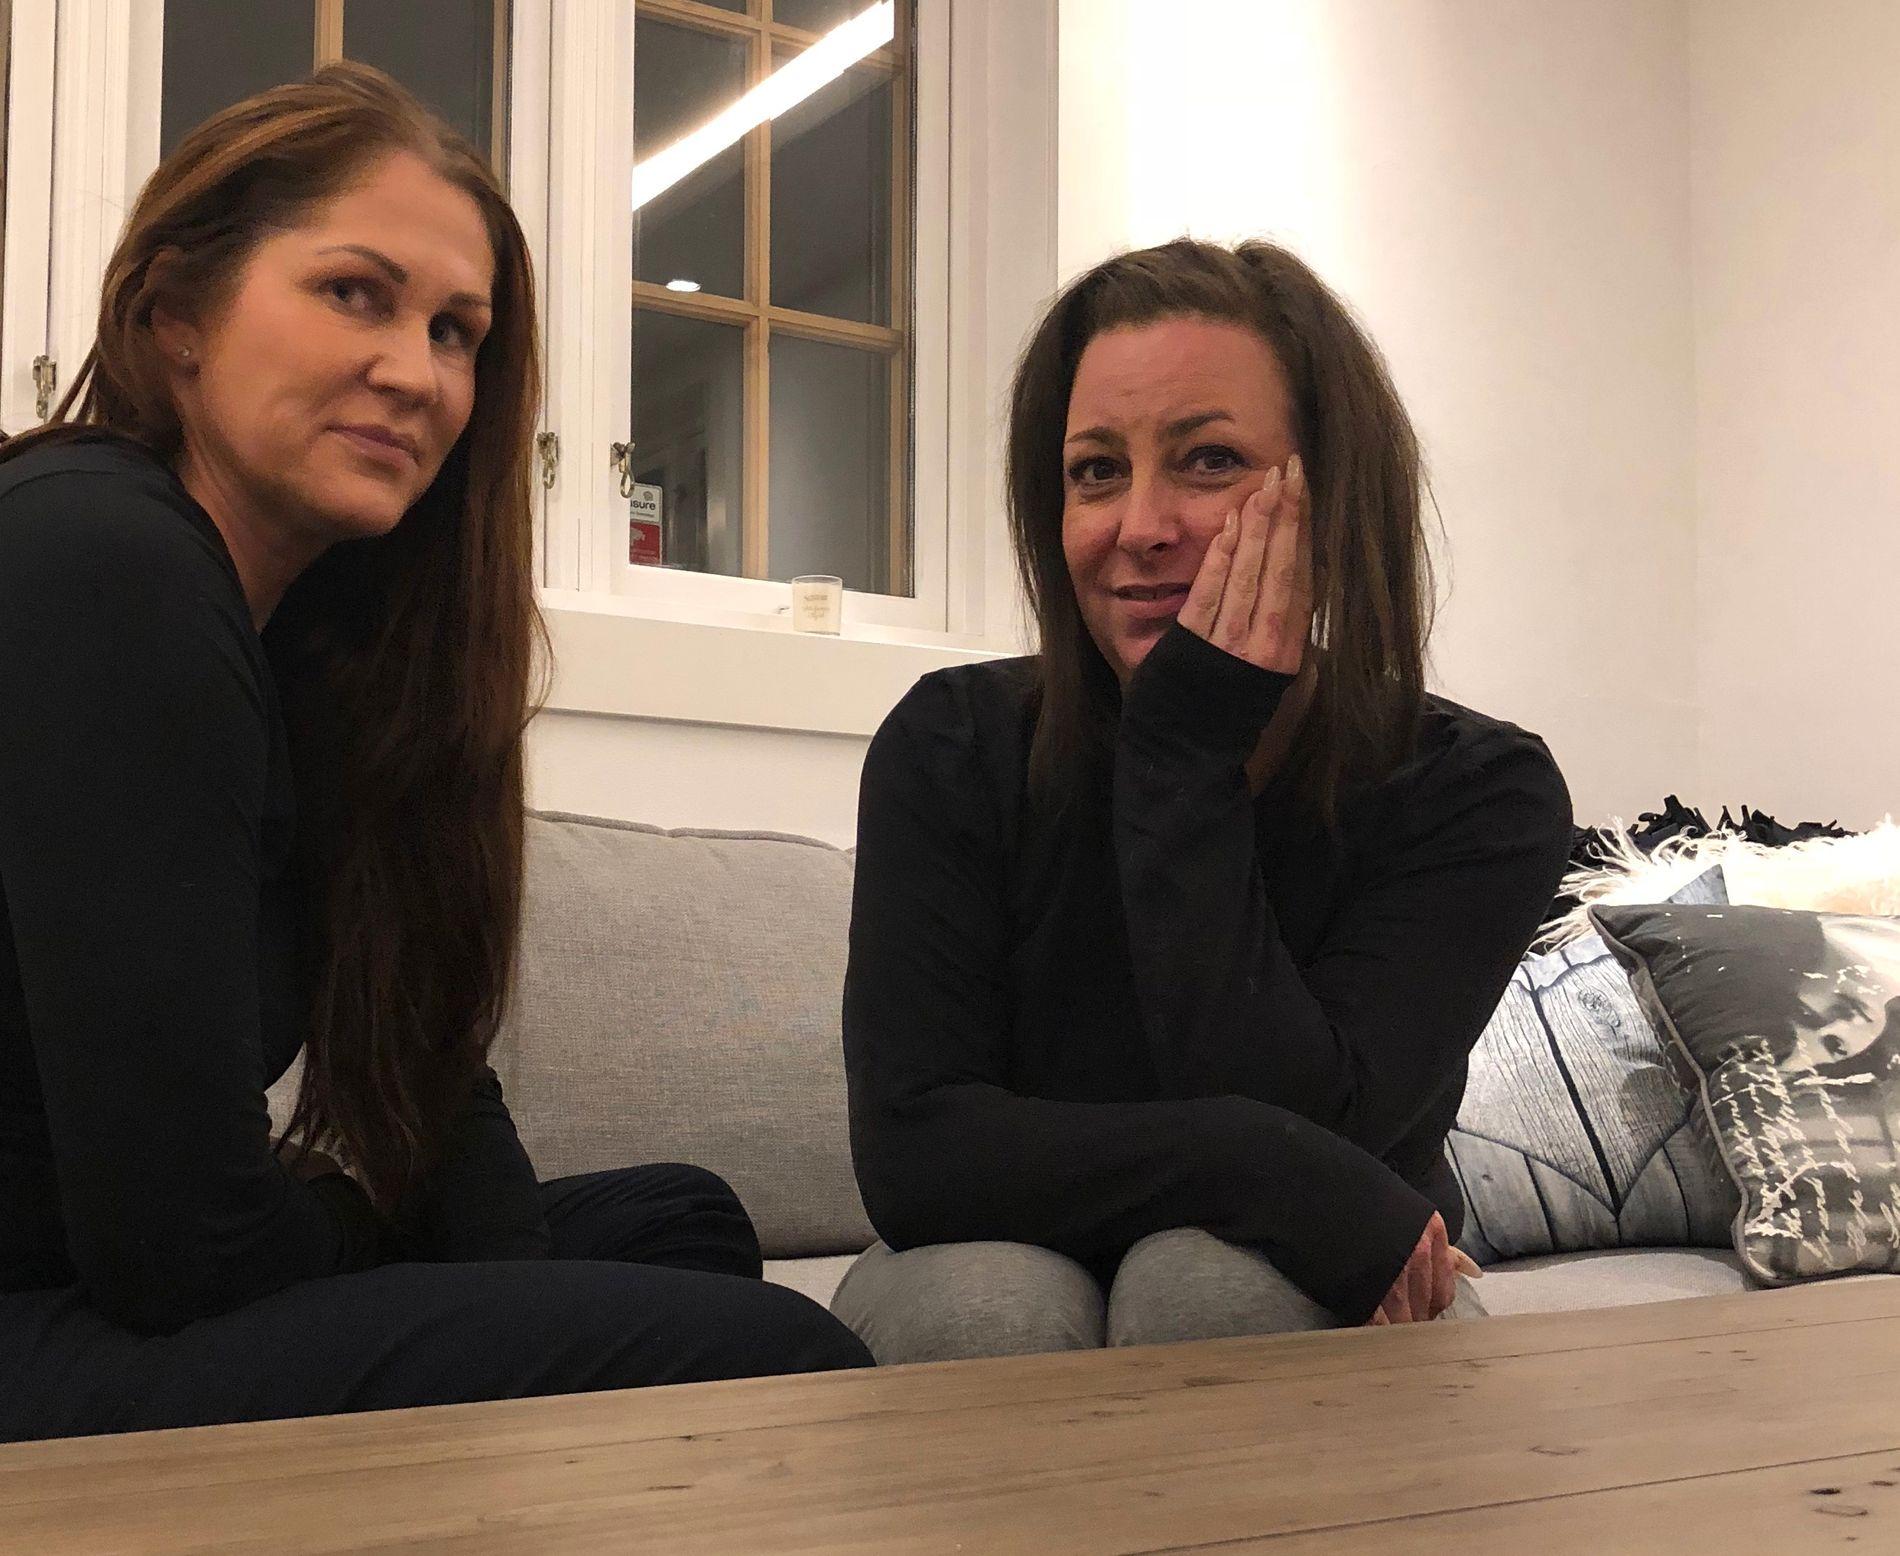 STALL: Hanne Westgaard (til venstre) og Pia Sørensen (til høyre) har drevet stallen «Cheval» siden mai i år.